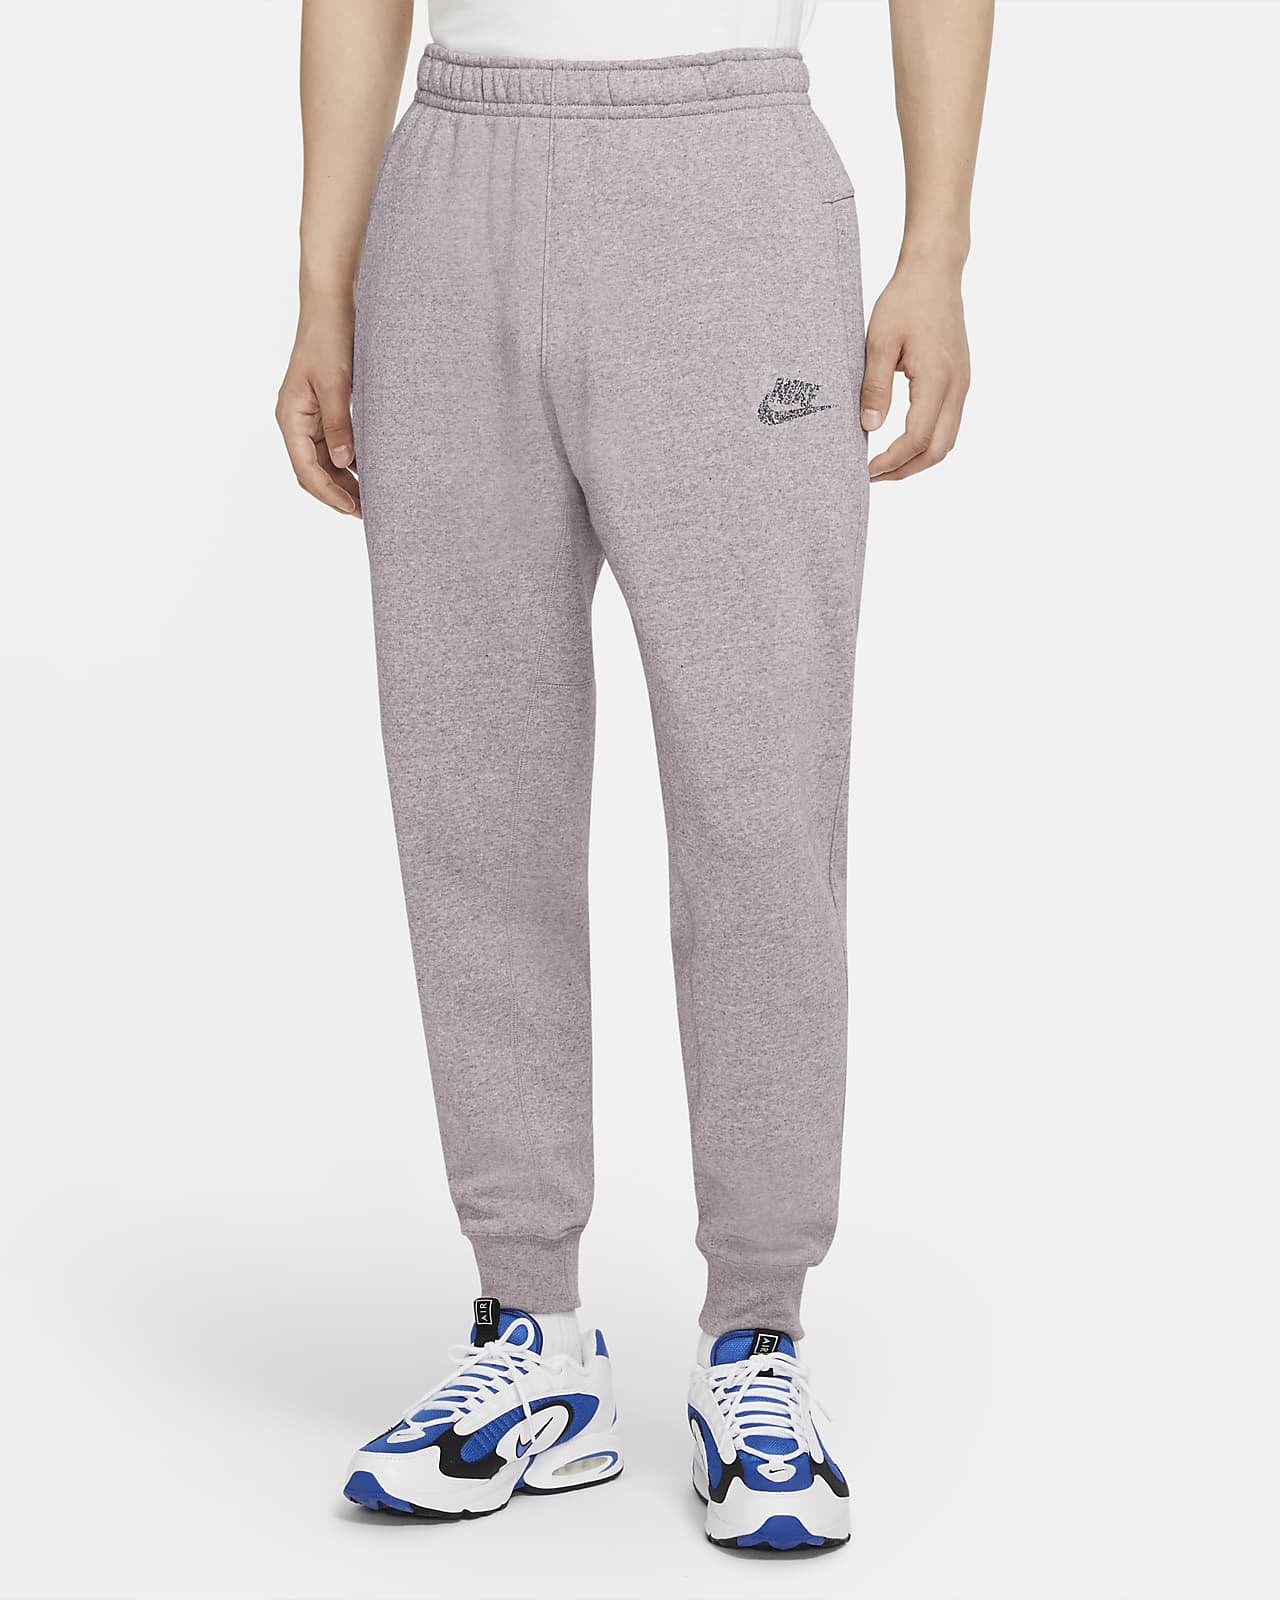 Nike Sportswear Men's Pants